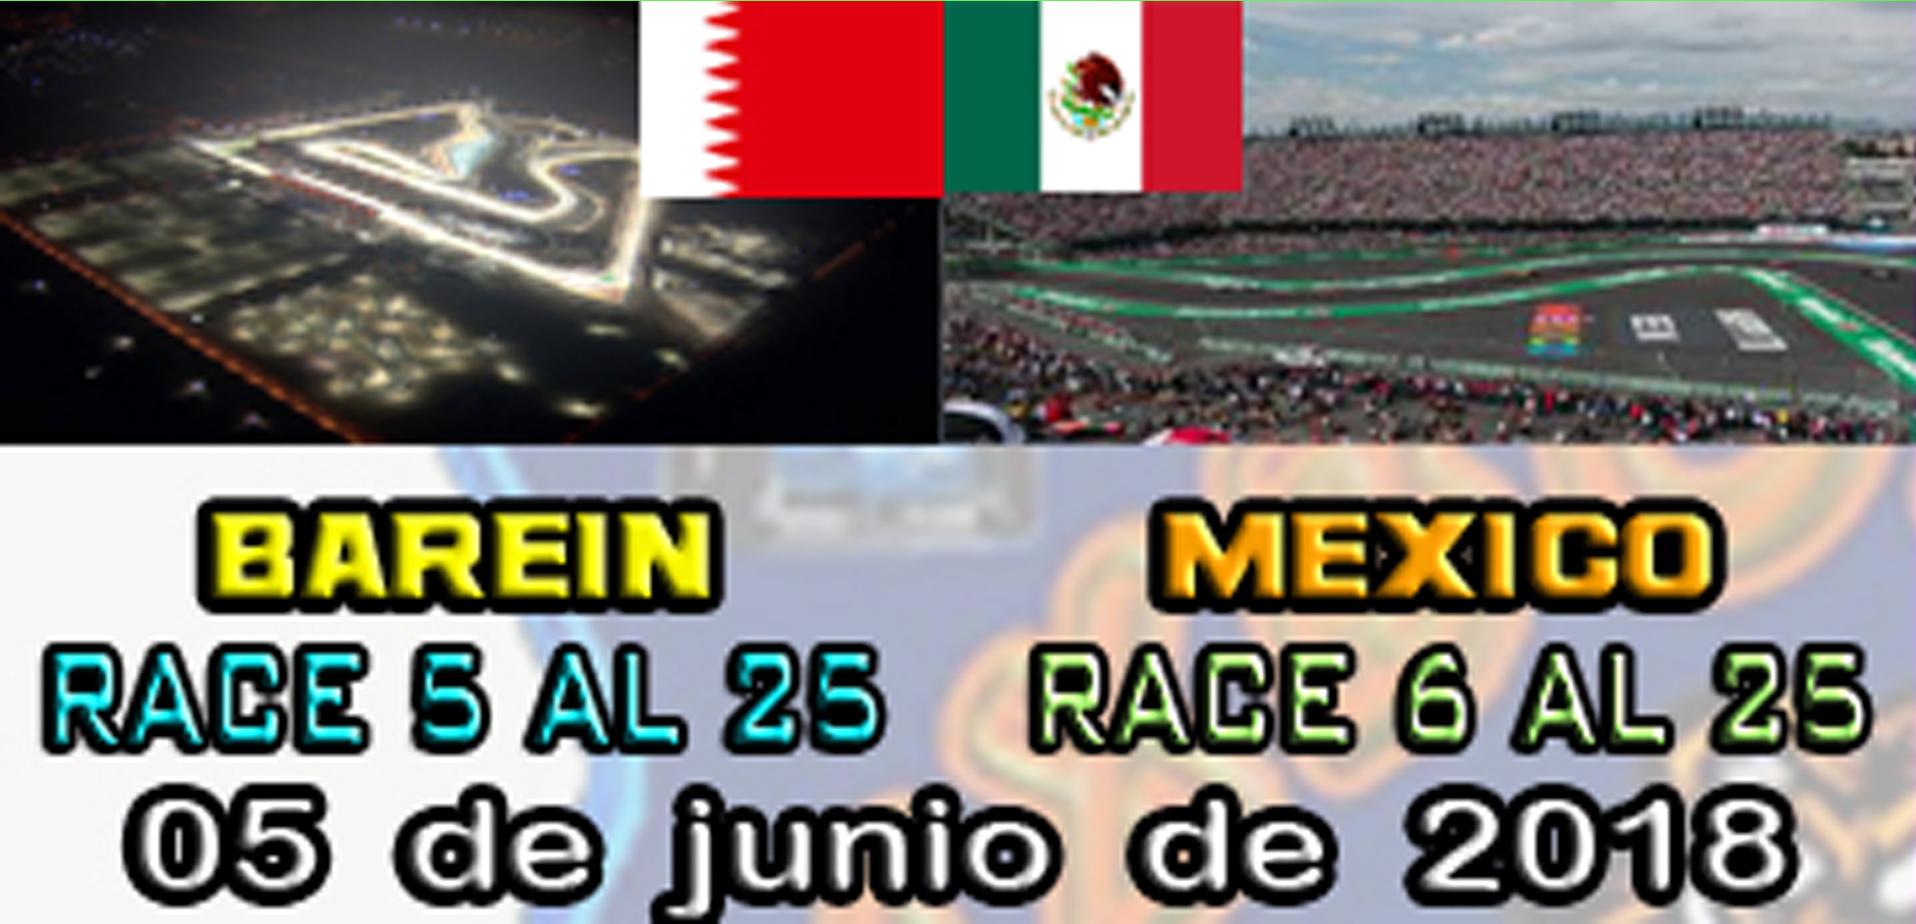 F1 2017 - XBOX ONE / CAMPEONATO LITOS OPEN - F1 XBOX / CONFIRMACIÓN DE ASISTENCIA G.P. DE BARÉIN Y  MÉXICO /  MARTES 05 - 06 - 2018 A LAS 22:30 H. Barein11